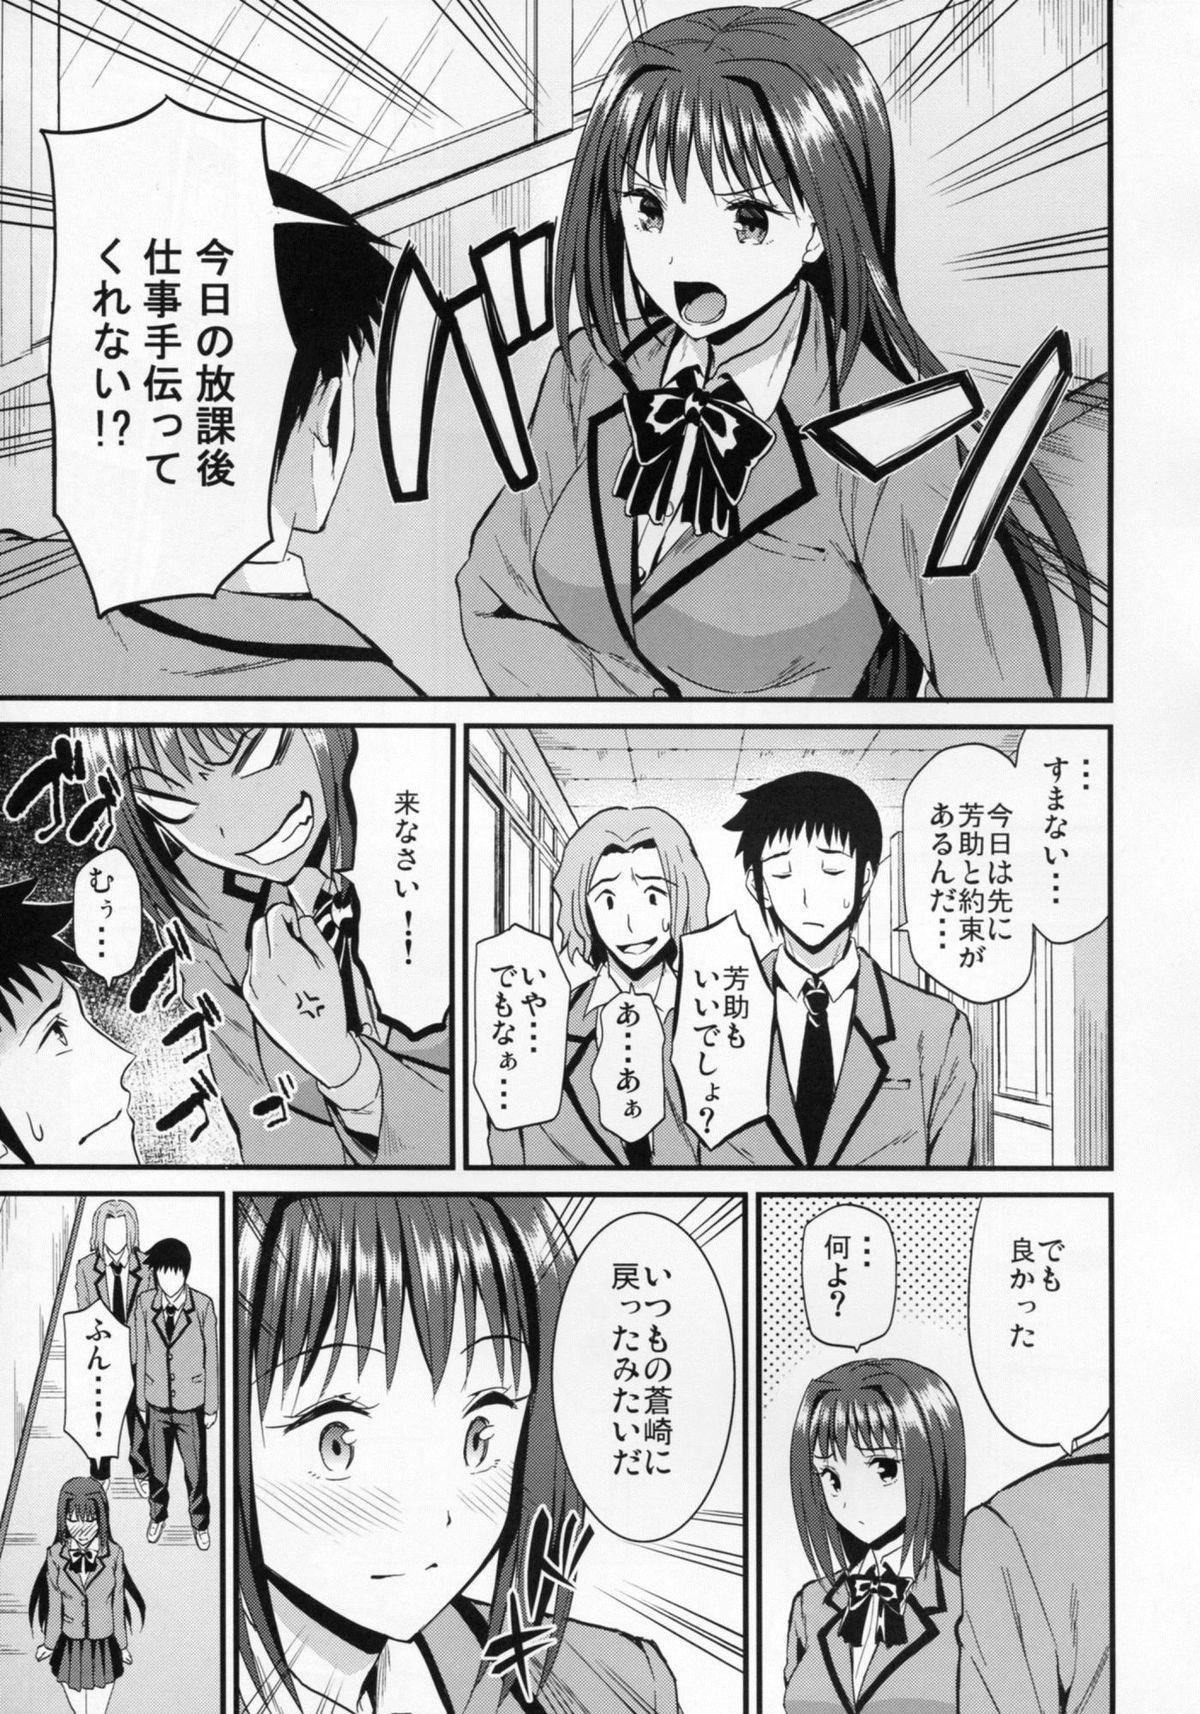 Aokoi 10